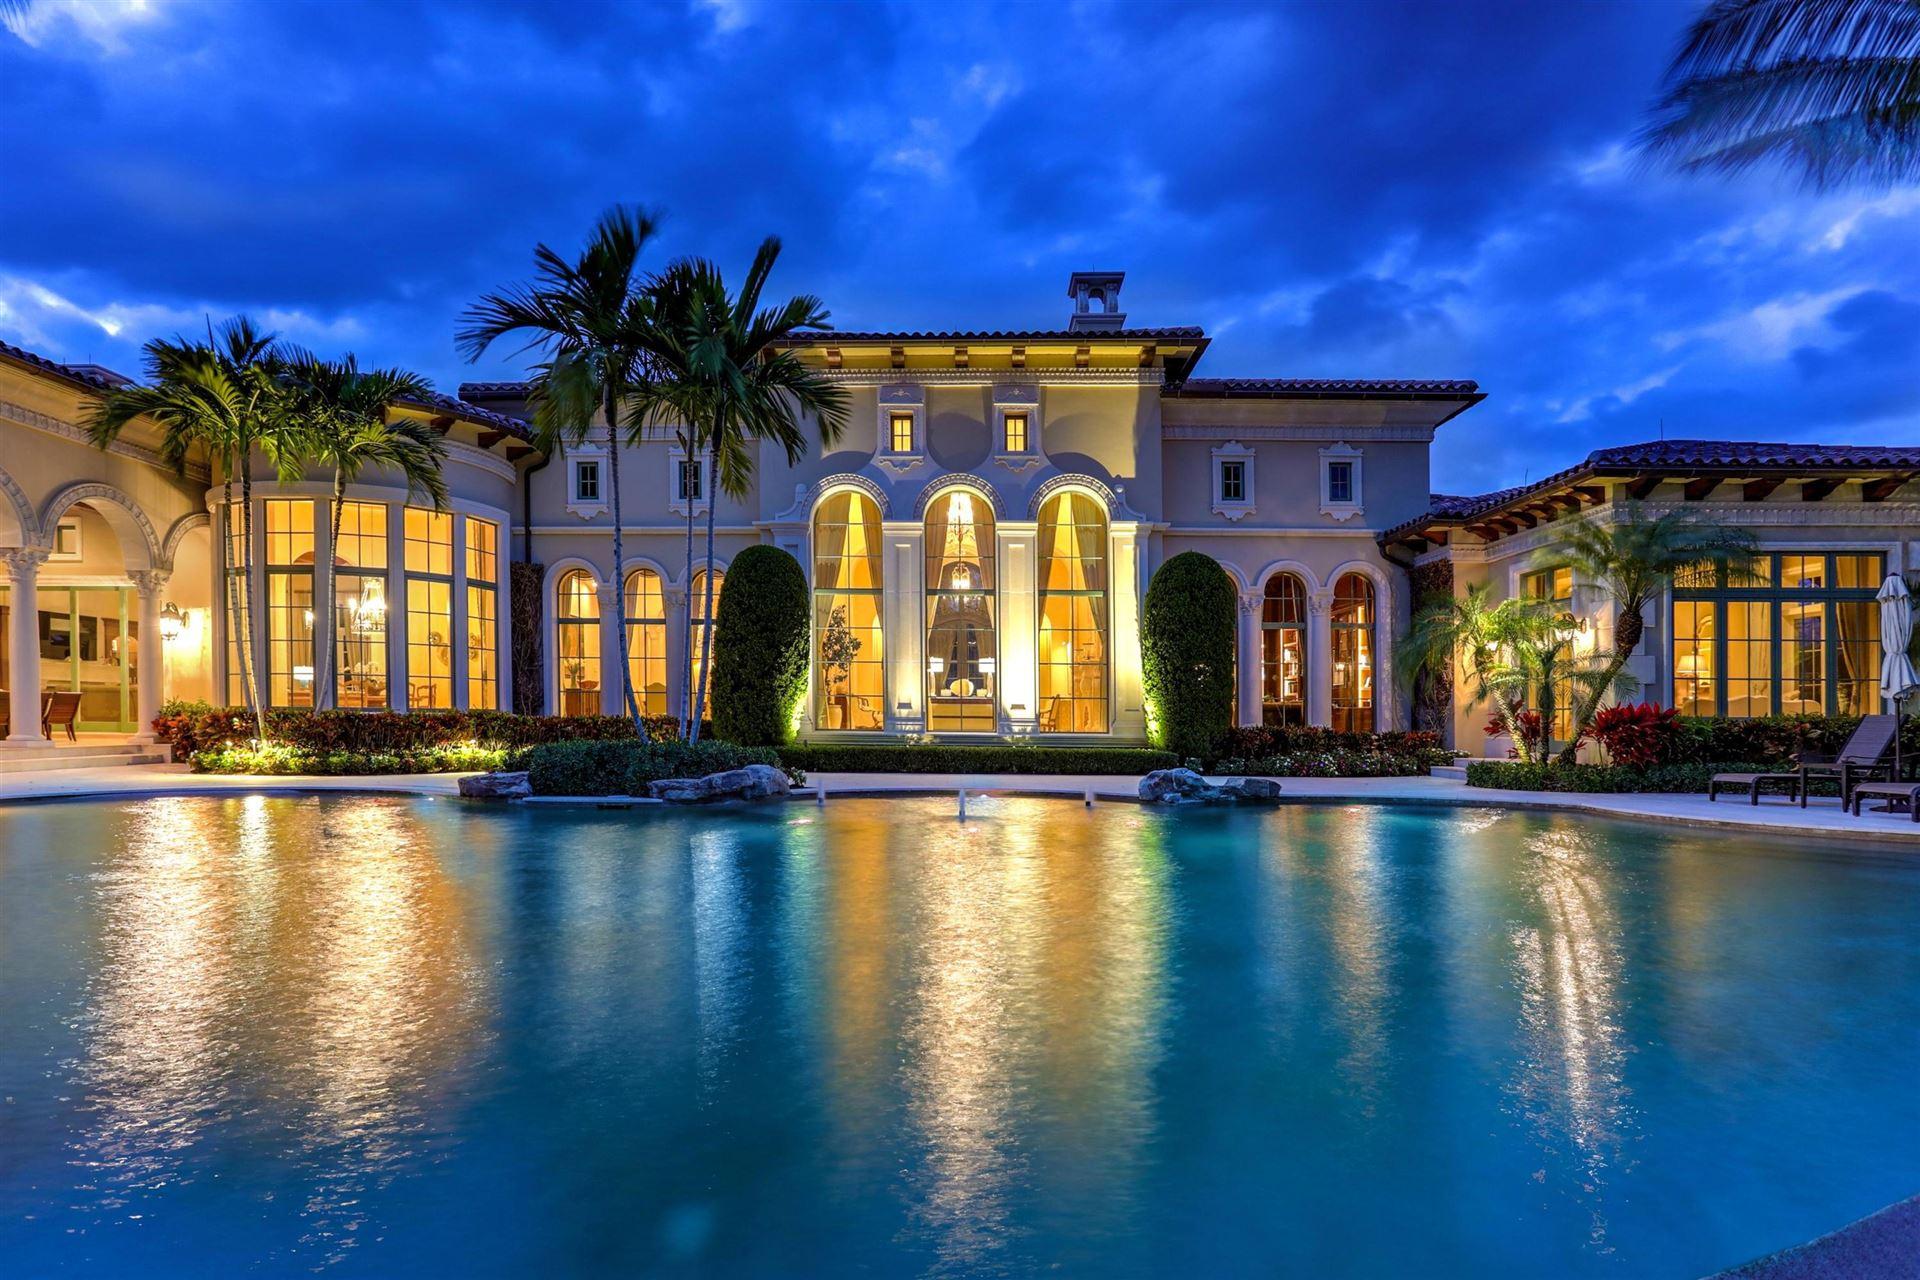 12411 Hautree Court, Palm Beach Gardens, FL 33418 - #: RX-10700535